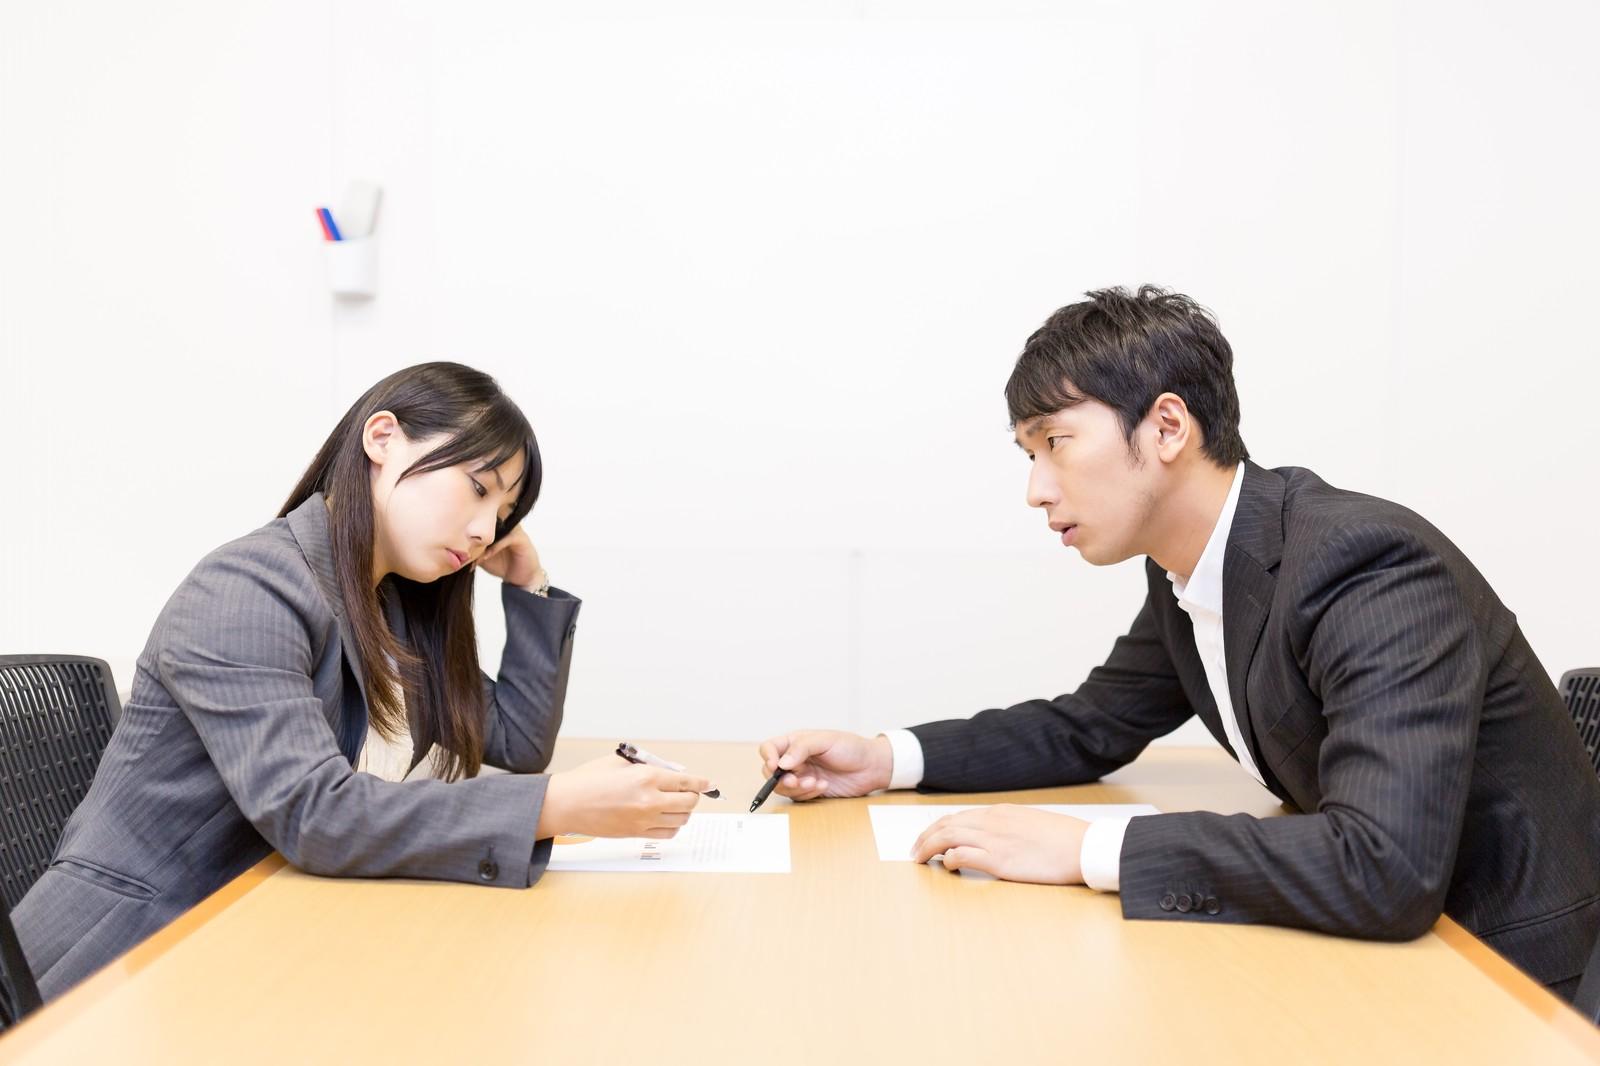 失敗を人のせいにする人に責任感を持たせる方法|まずは相手を知ろう!